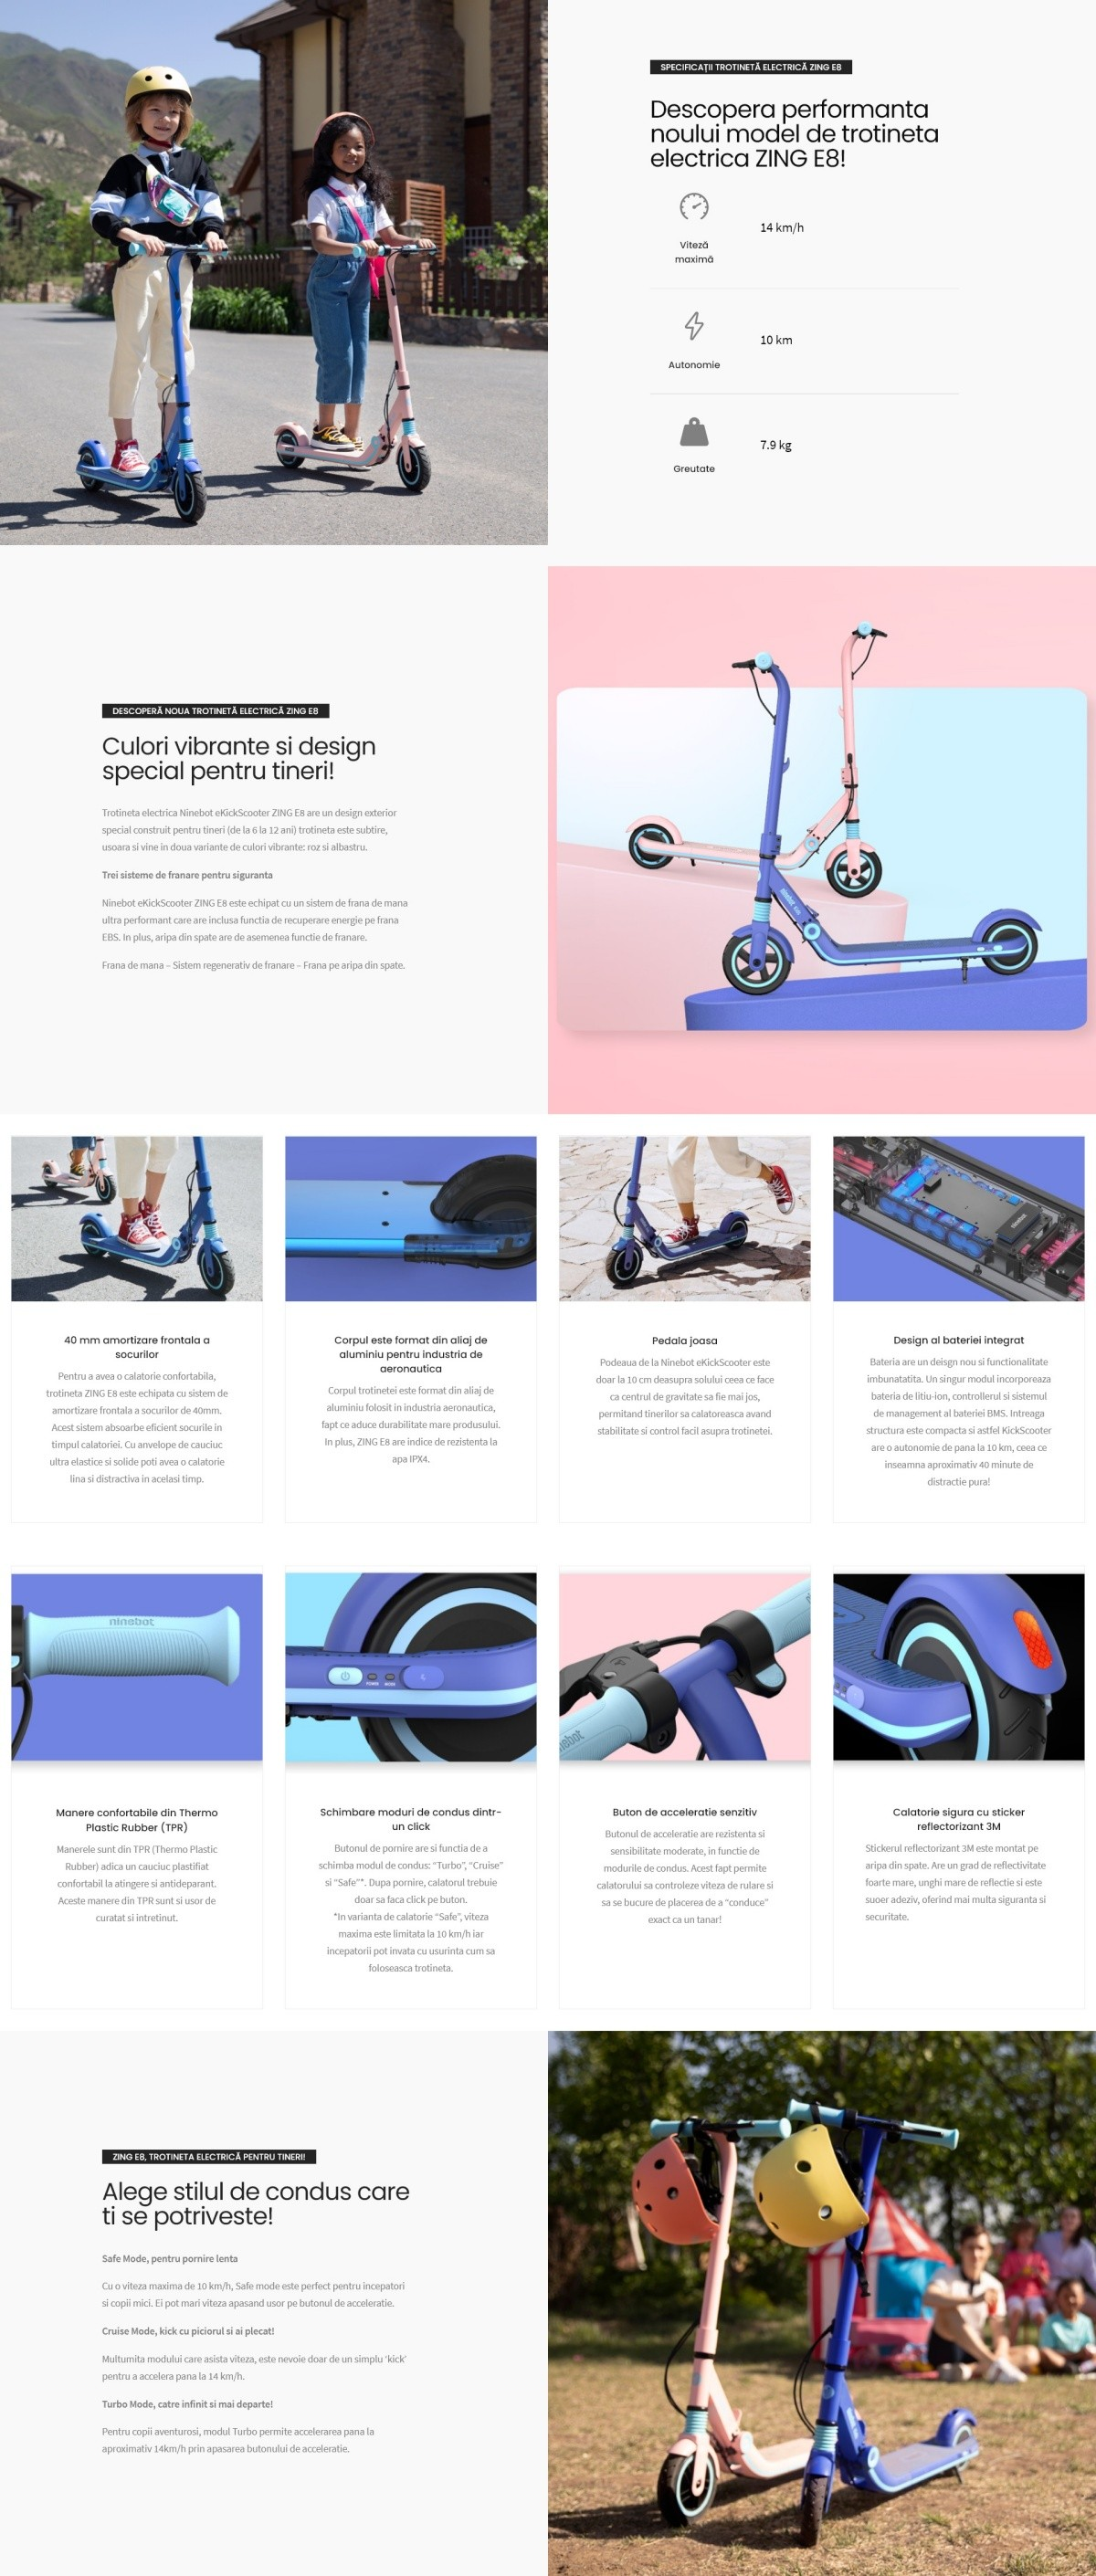 Ninebot-eKickScooter-Zing-E81e917c0a3539d871.jpg